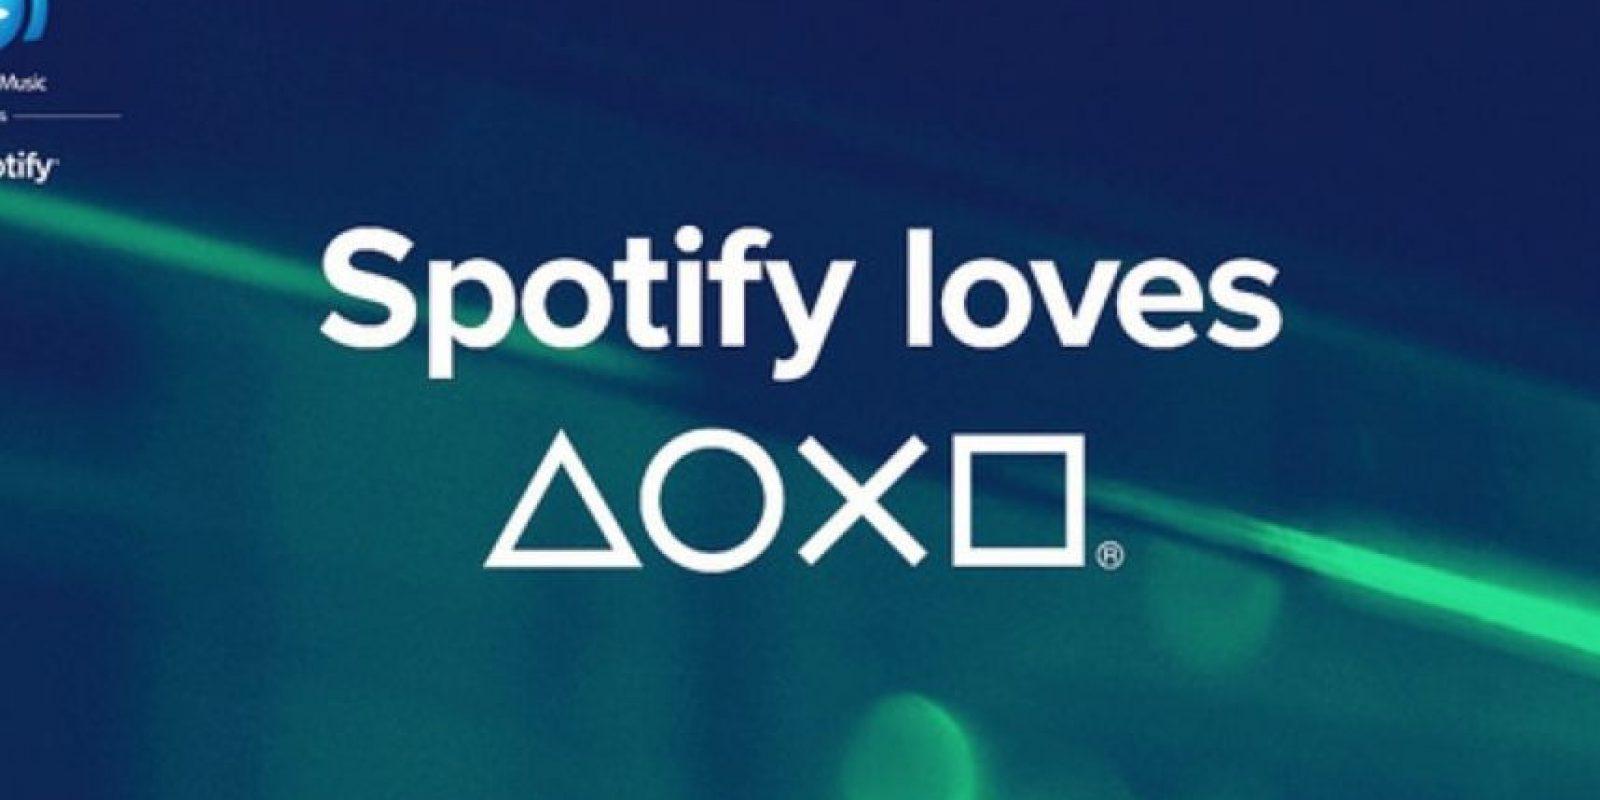 Desde este lunes se puede escuchar música de Spotify en el PS3, PS4 y dispositivos móviles Xperia. Foto:Spotify